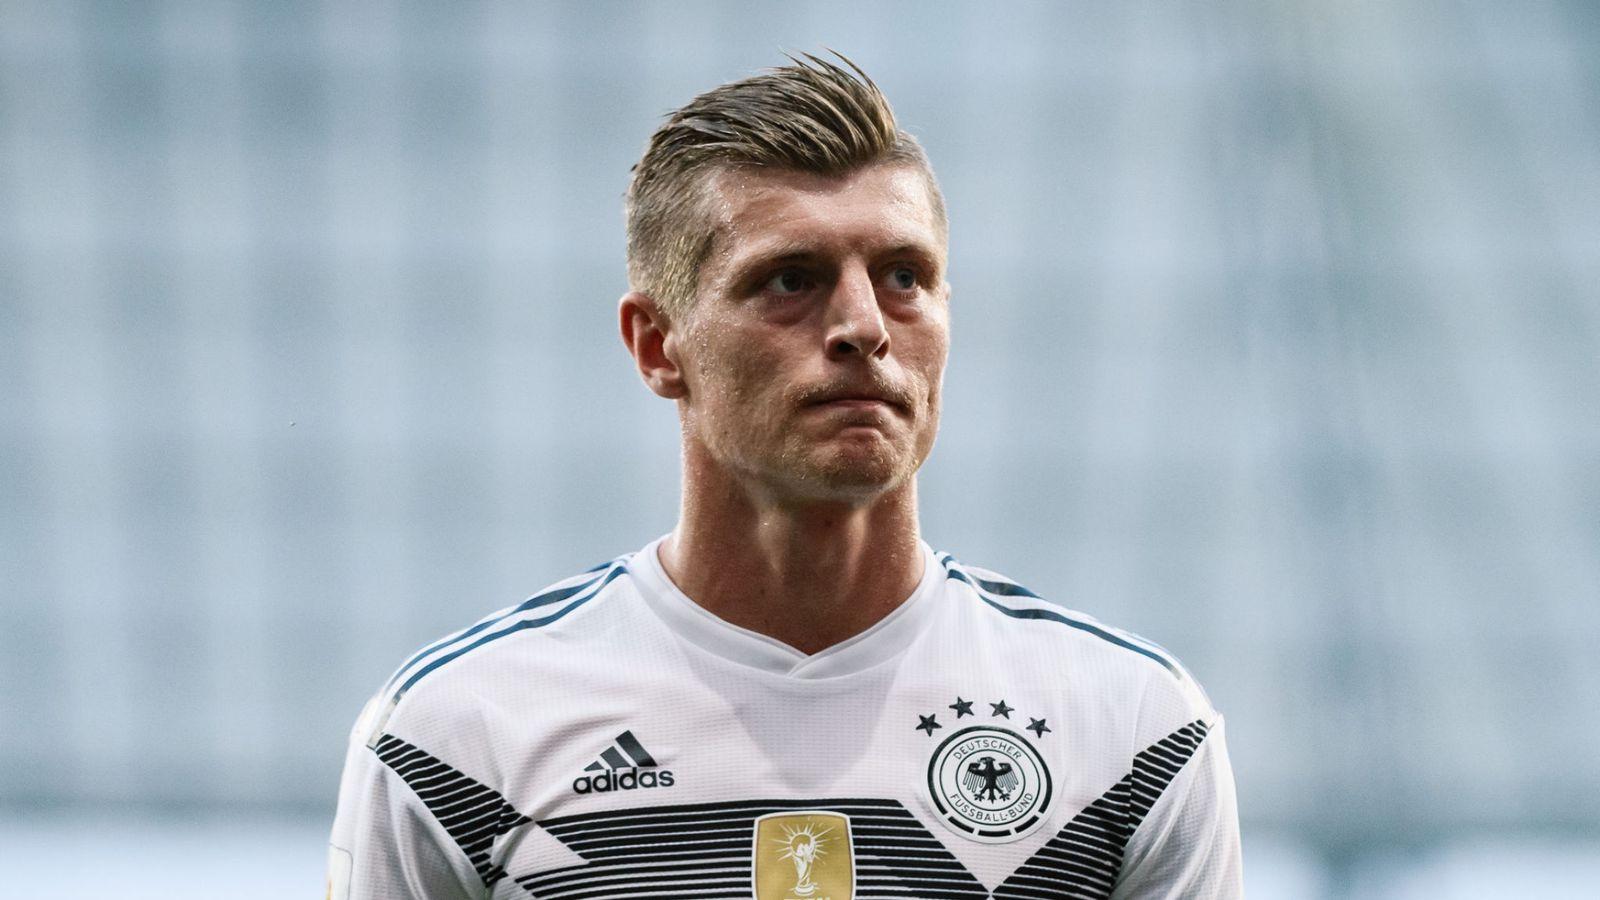 若德国队获得世界杯冠军,克罗斯或考虑退出国家队